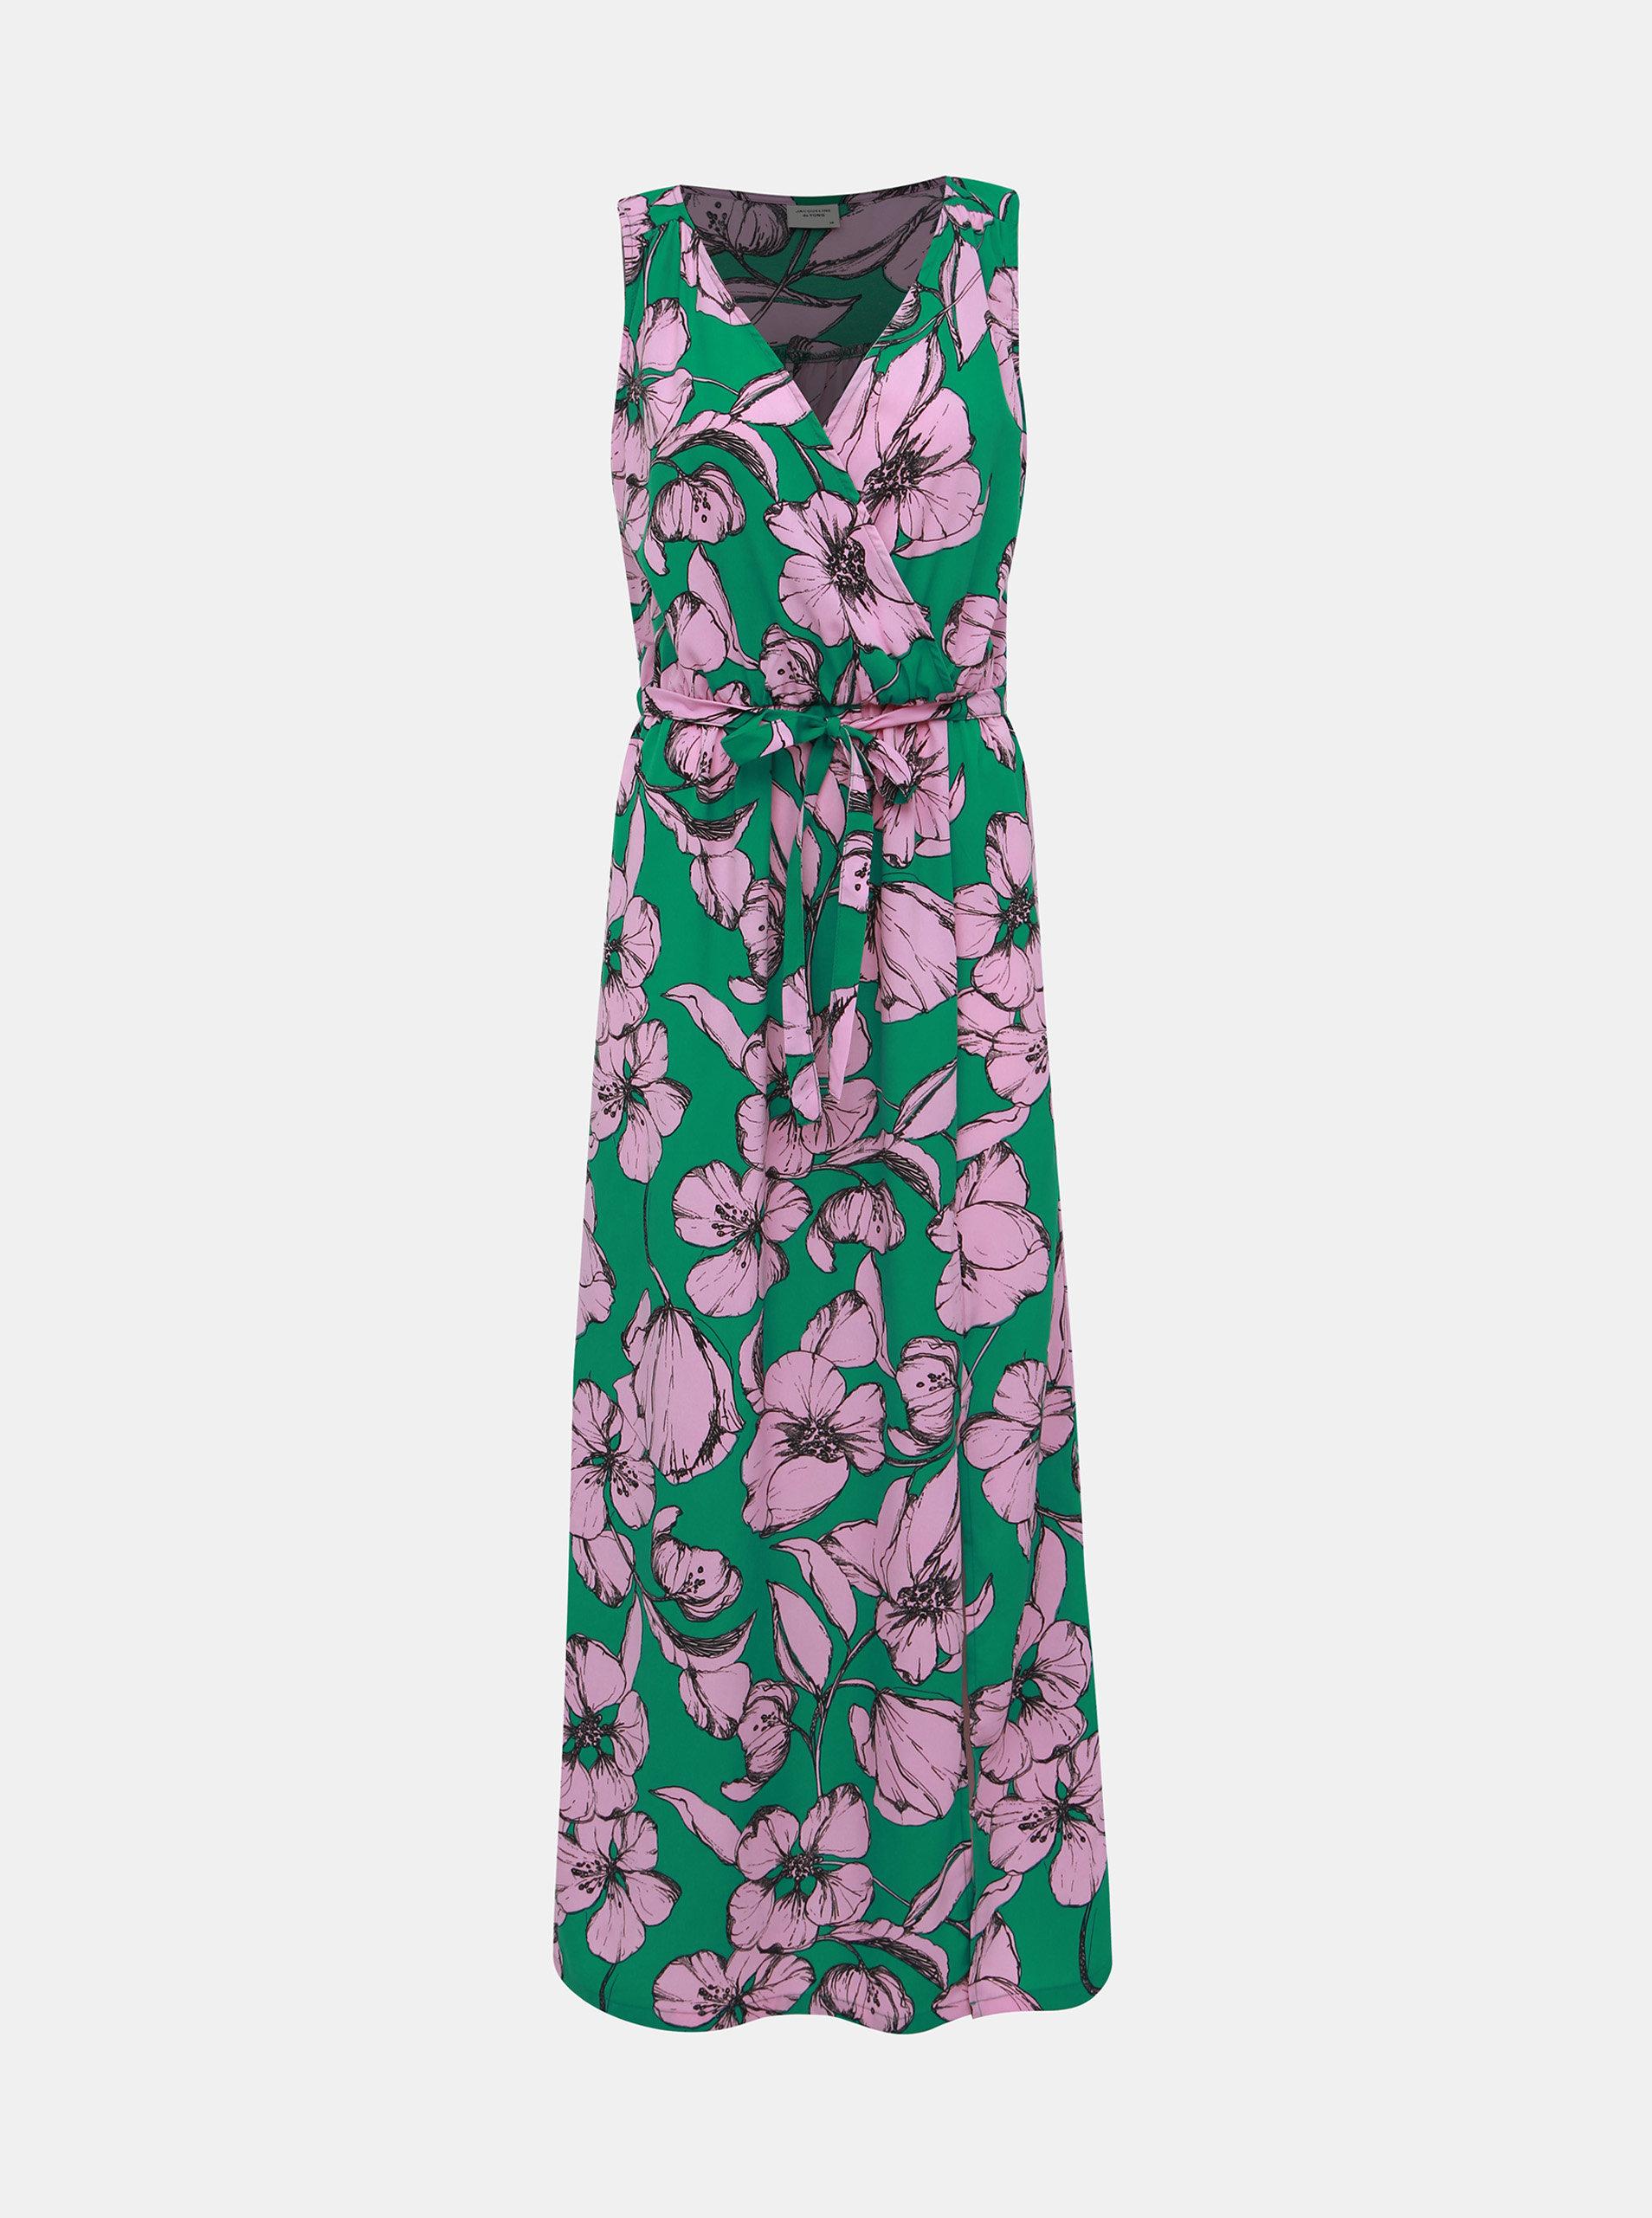 f147a62d46 Rúžovo-zelené kvetované maxišaty Jacqueline de Yong Kamma ...